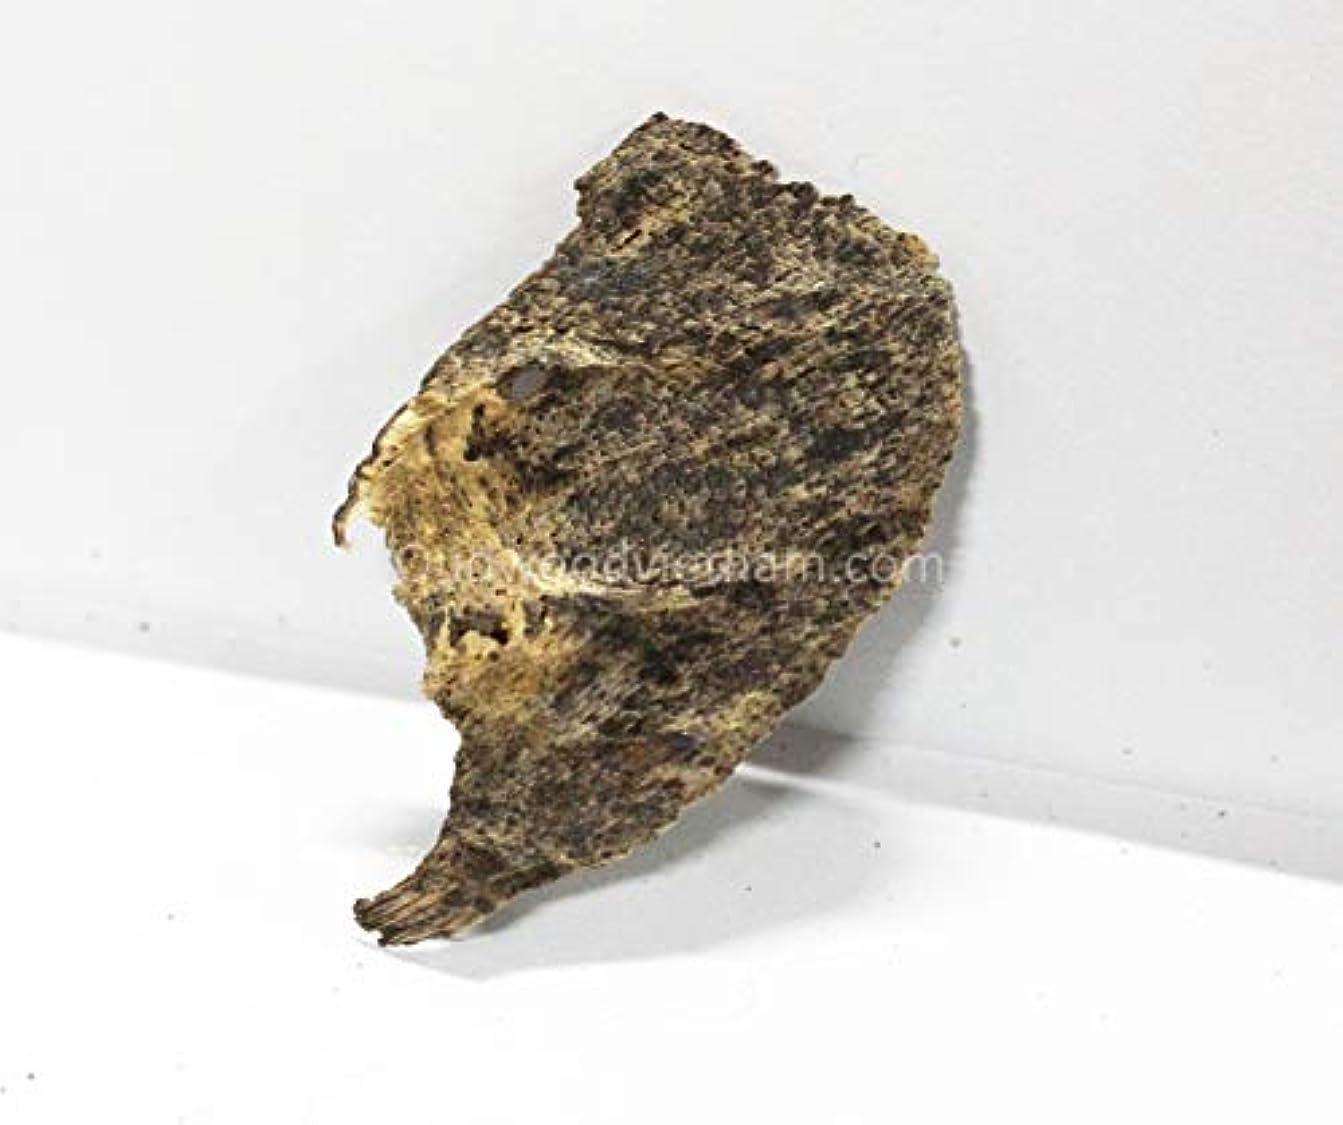 法王分散熱アガーウッドチップ オウドチップス お香 アロマ ナチュラル ワイルド レア アガーウッド チップ オードウッド ベトナム 純素材 グレード A++ 50g